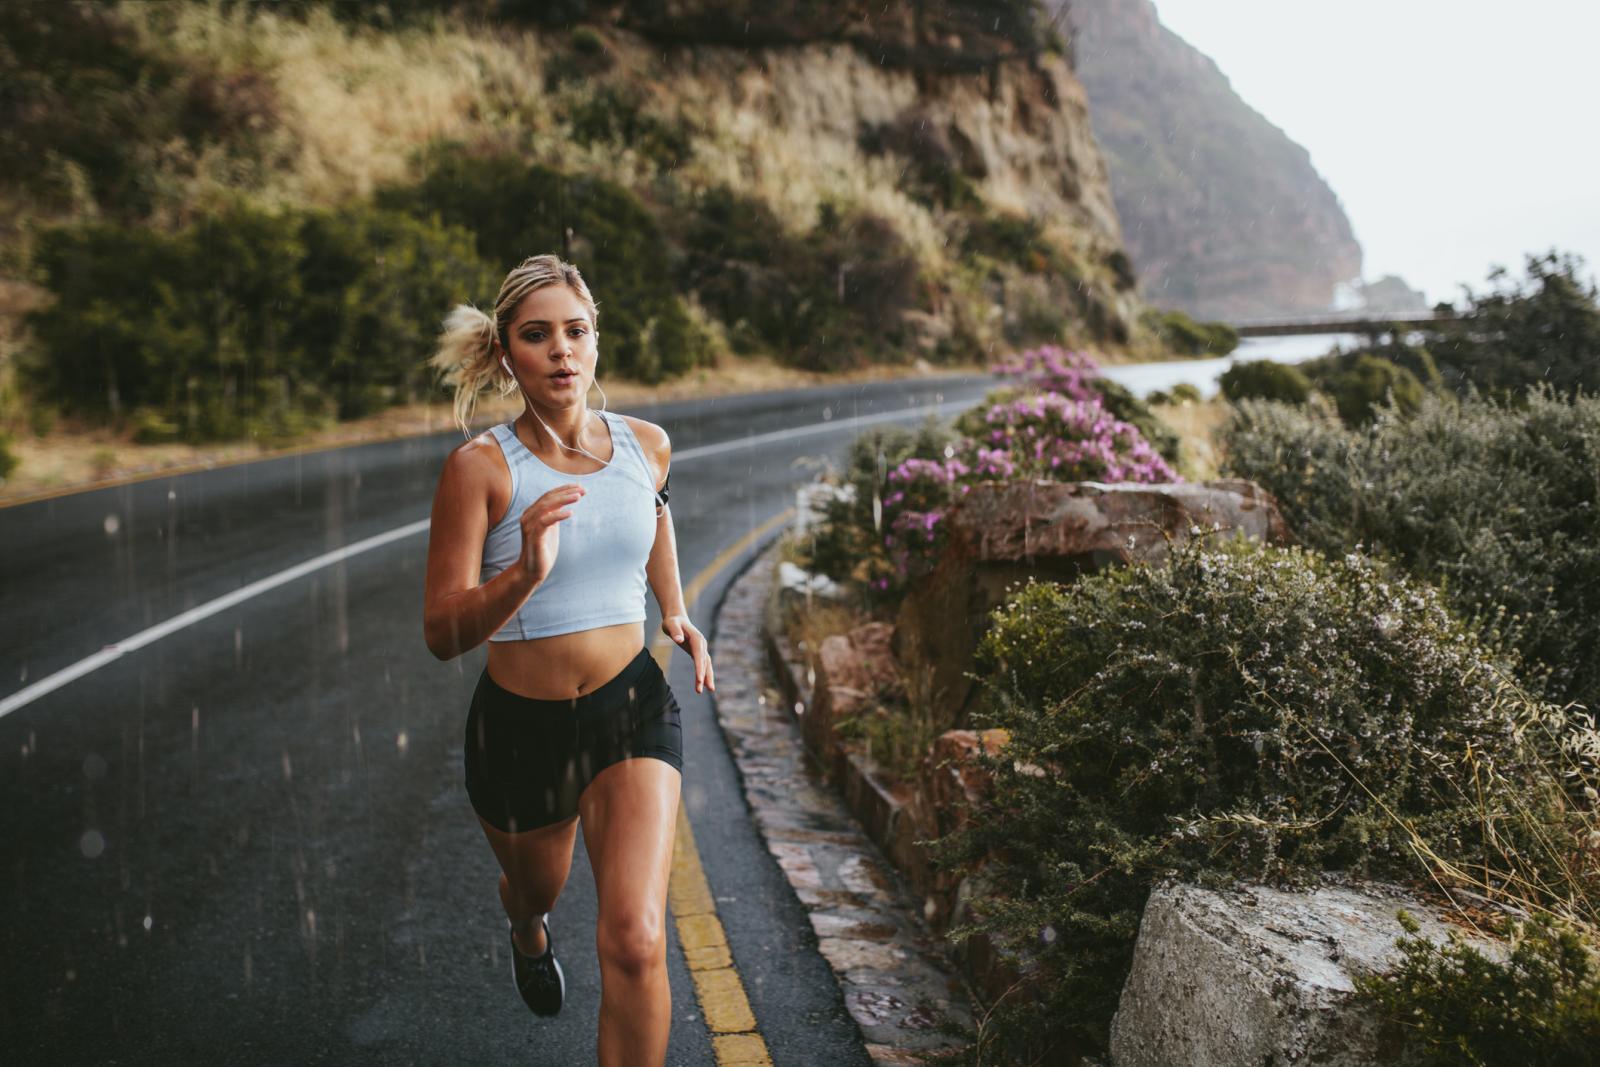 Nemojte pretjerivati. Ako osjećate bol i iscprljenost, uzmite slobodan dan od trčanja.